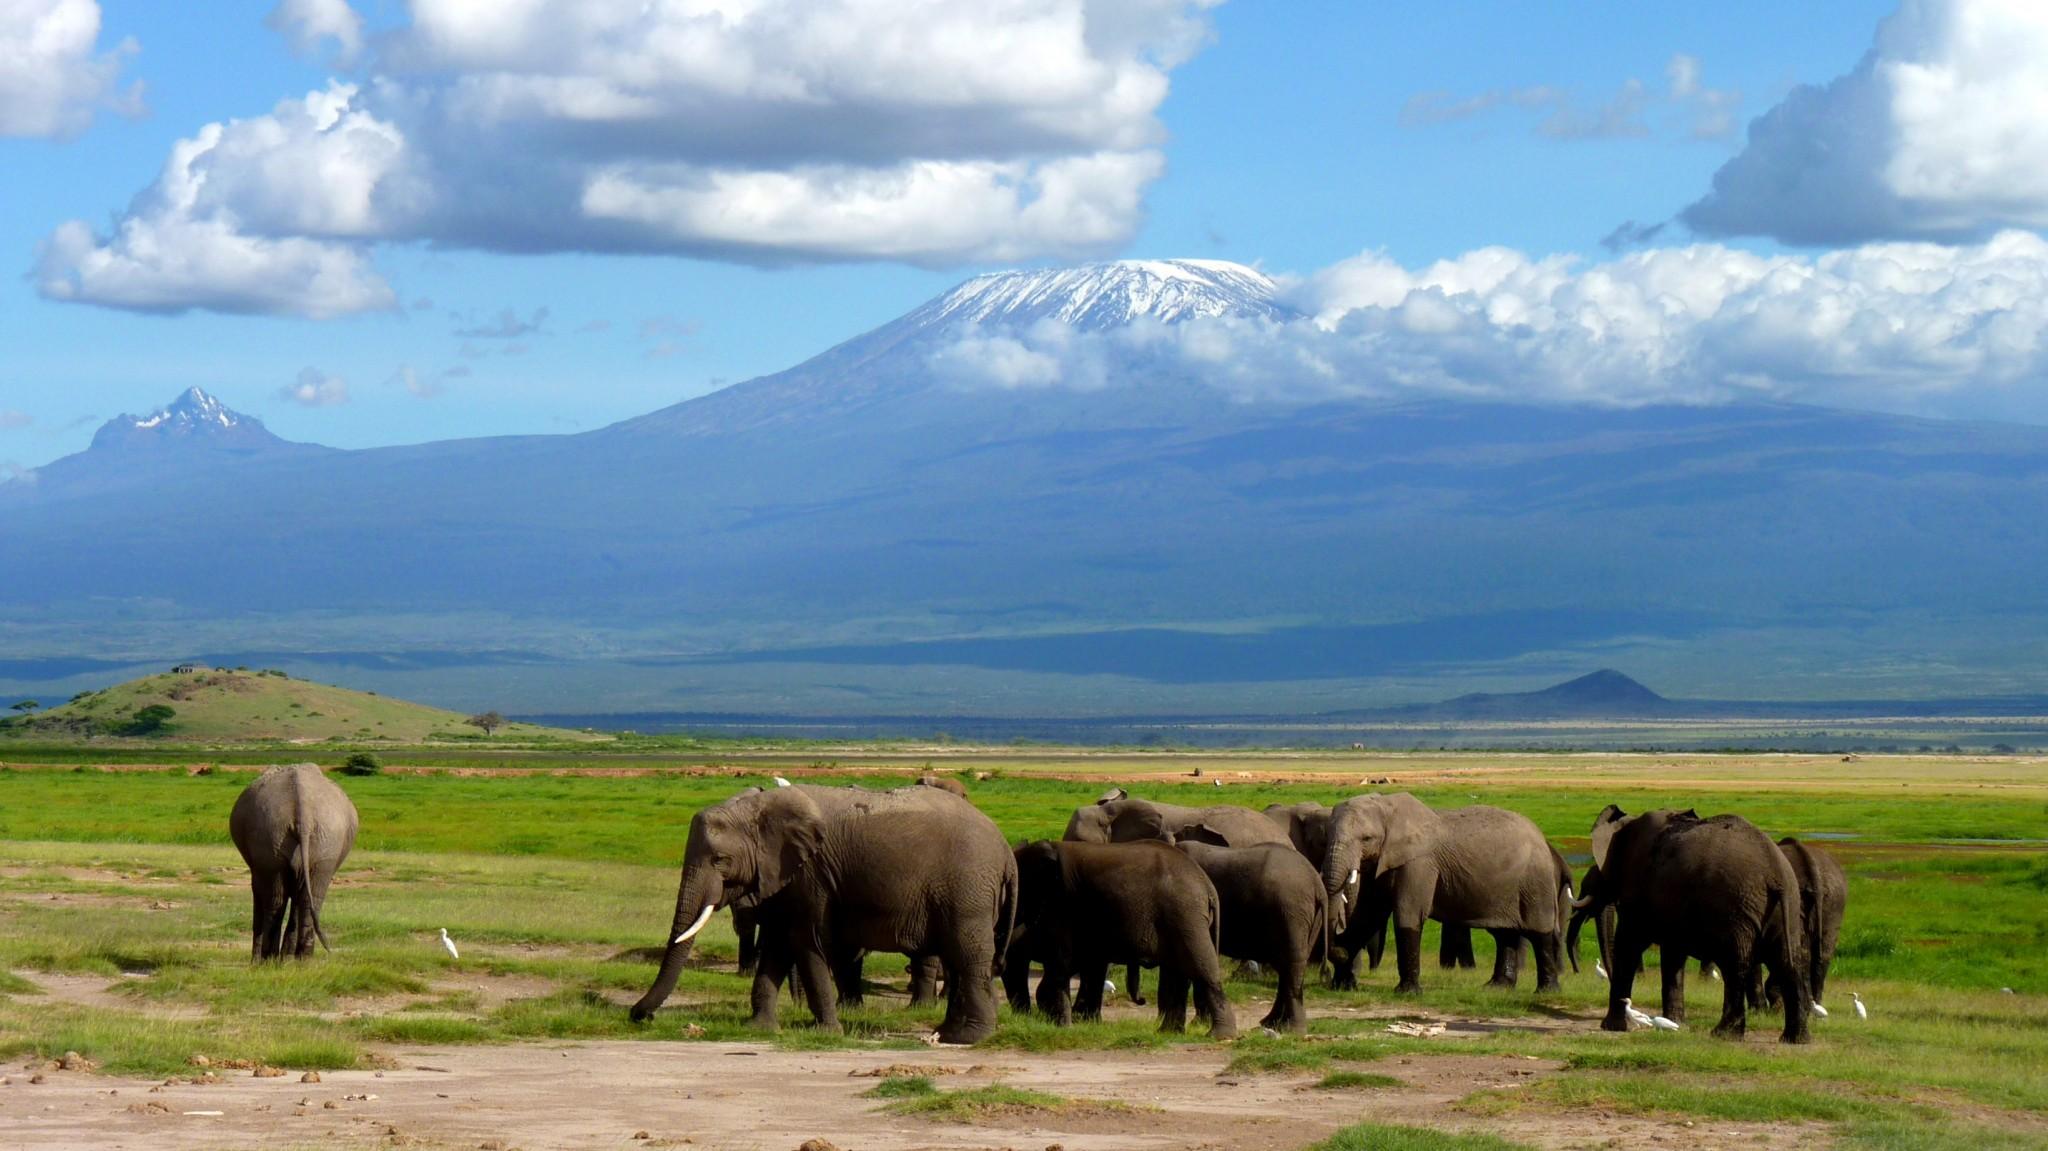 Elefantenherde am Fuße des Kilimanjaro